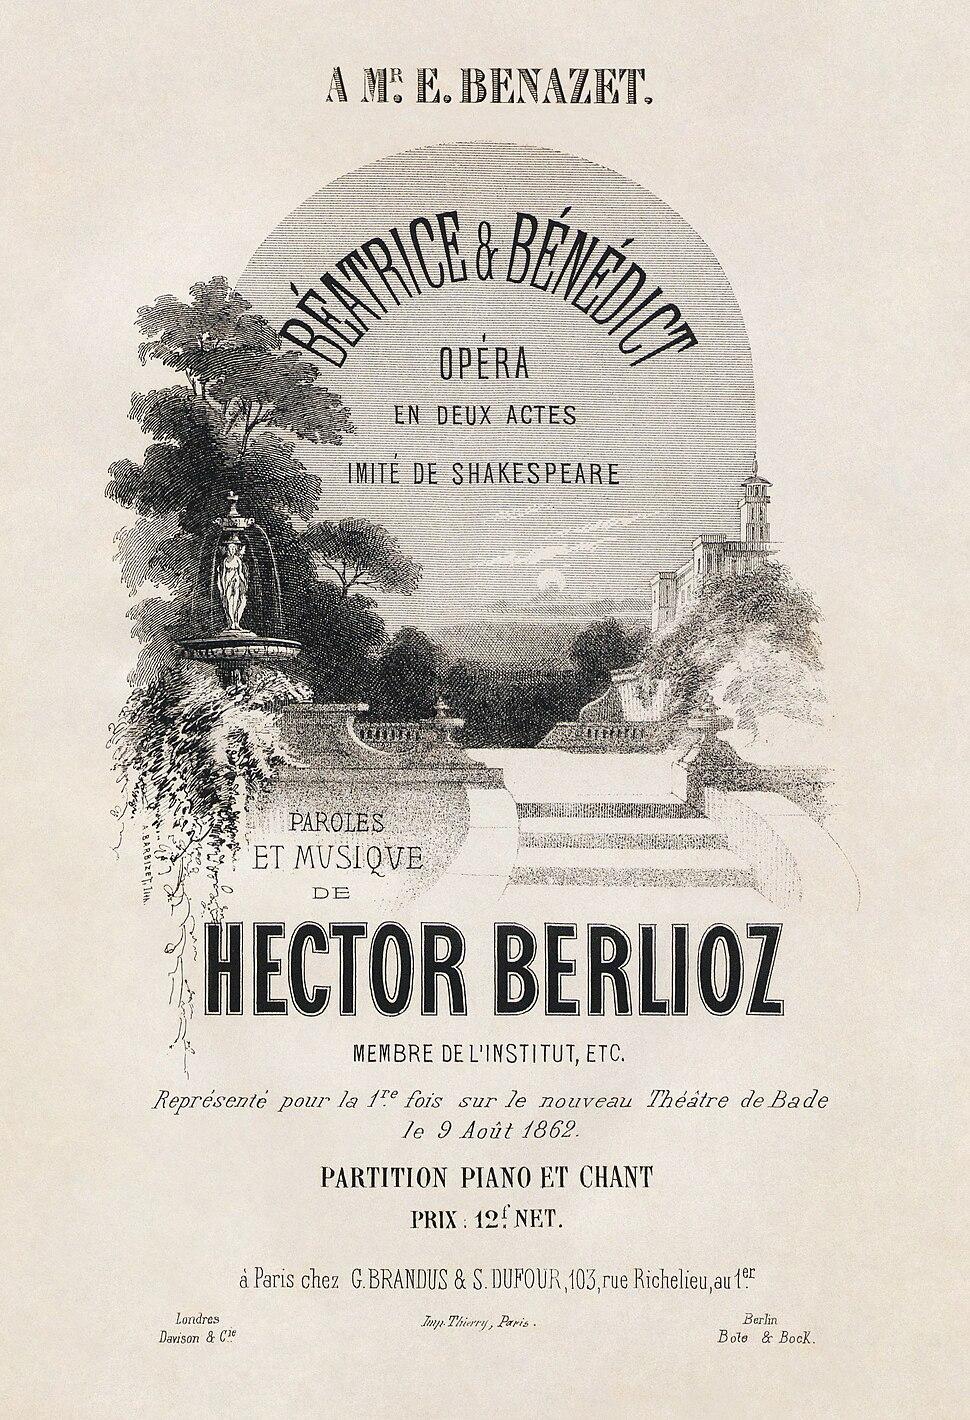 Hector Berlioz, Béatrice et Bénédict score title page - Restoration